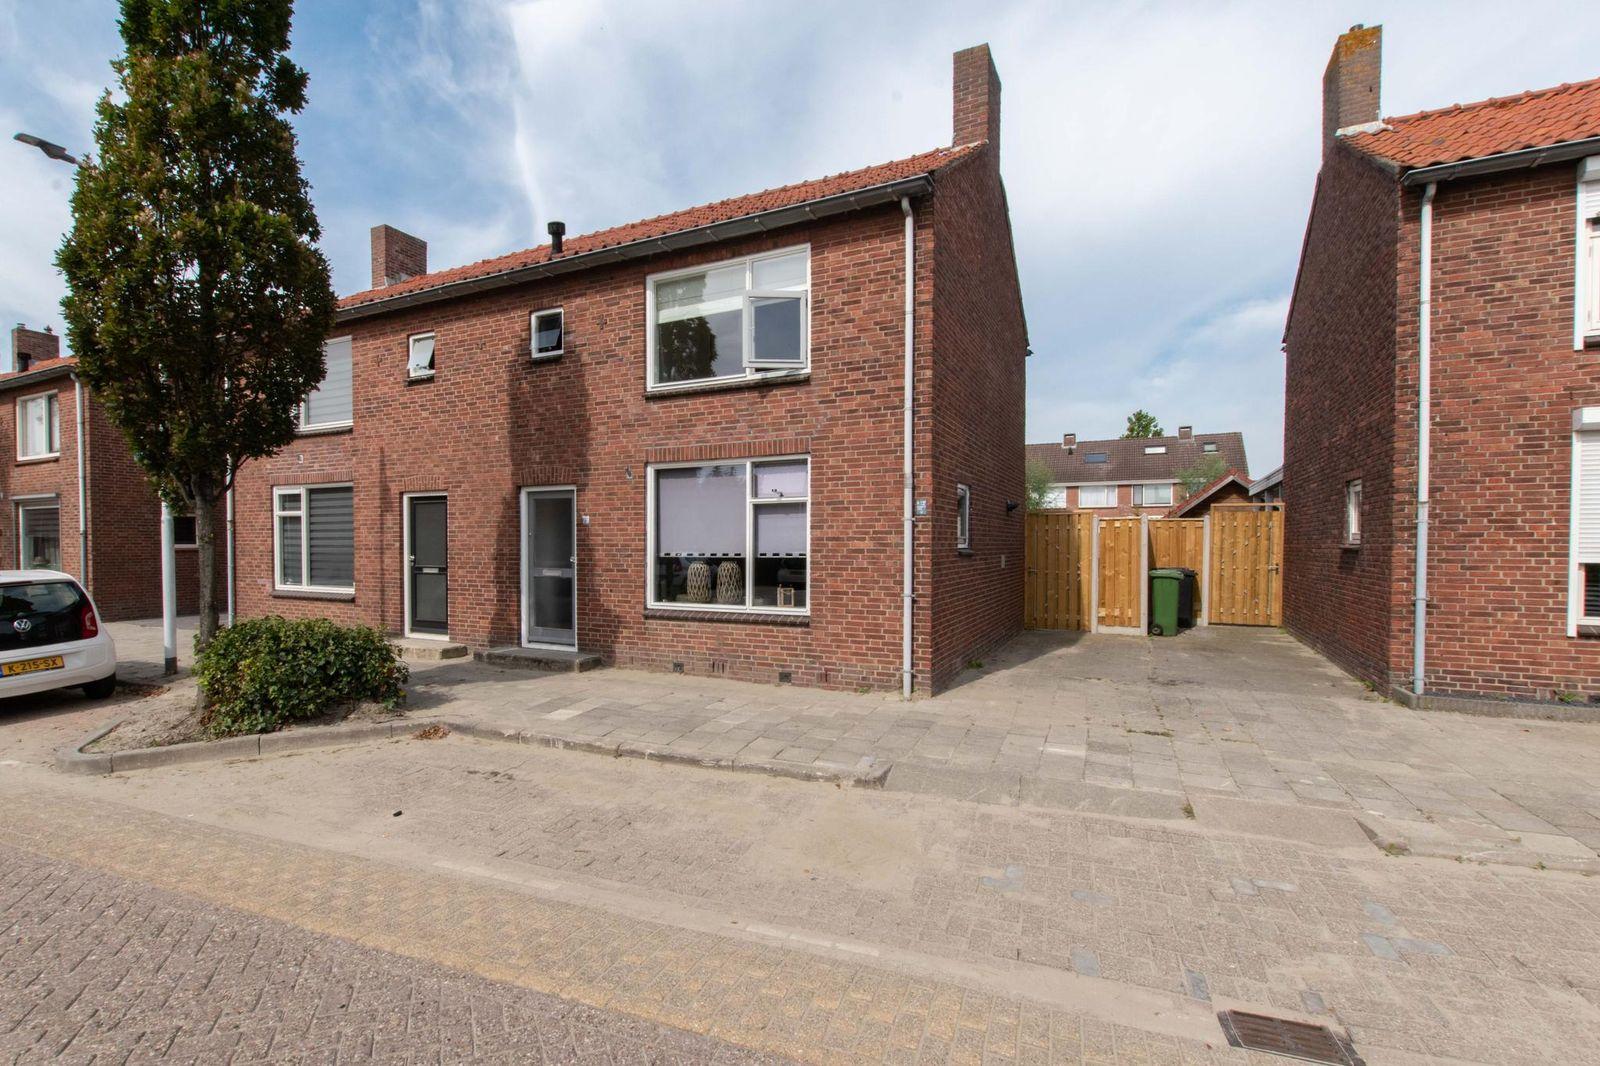 Burgemeester van der Havestraat 79, Oosterland